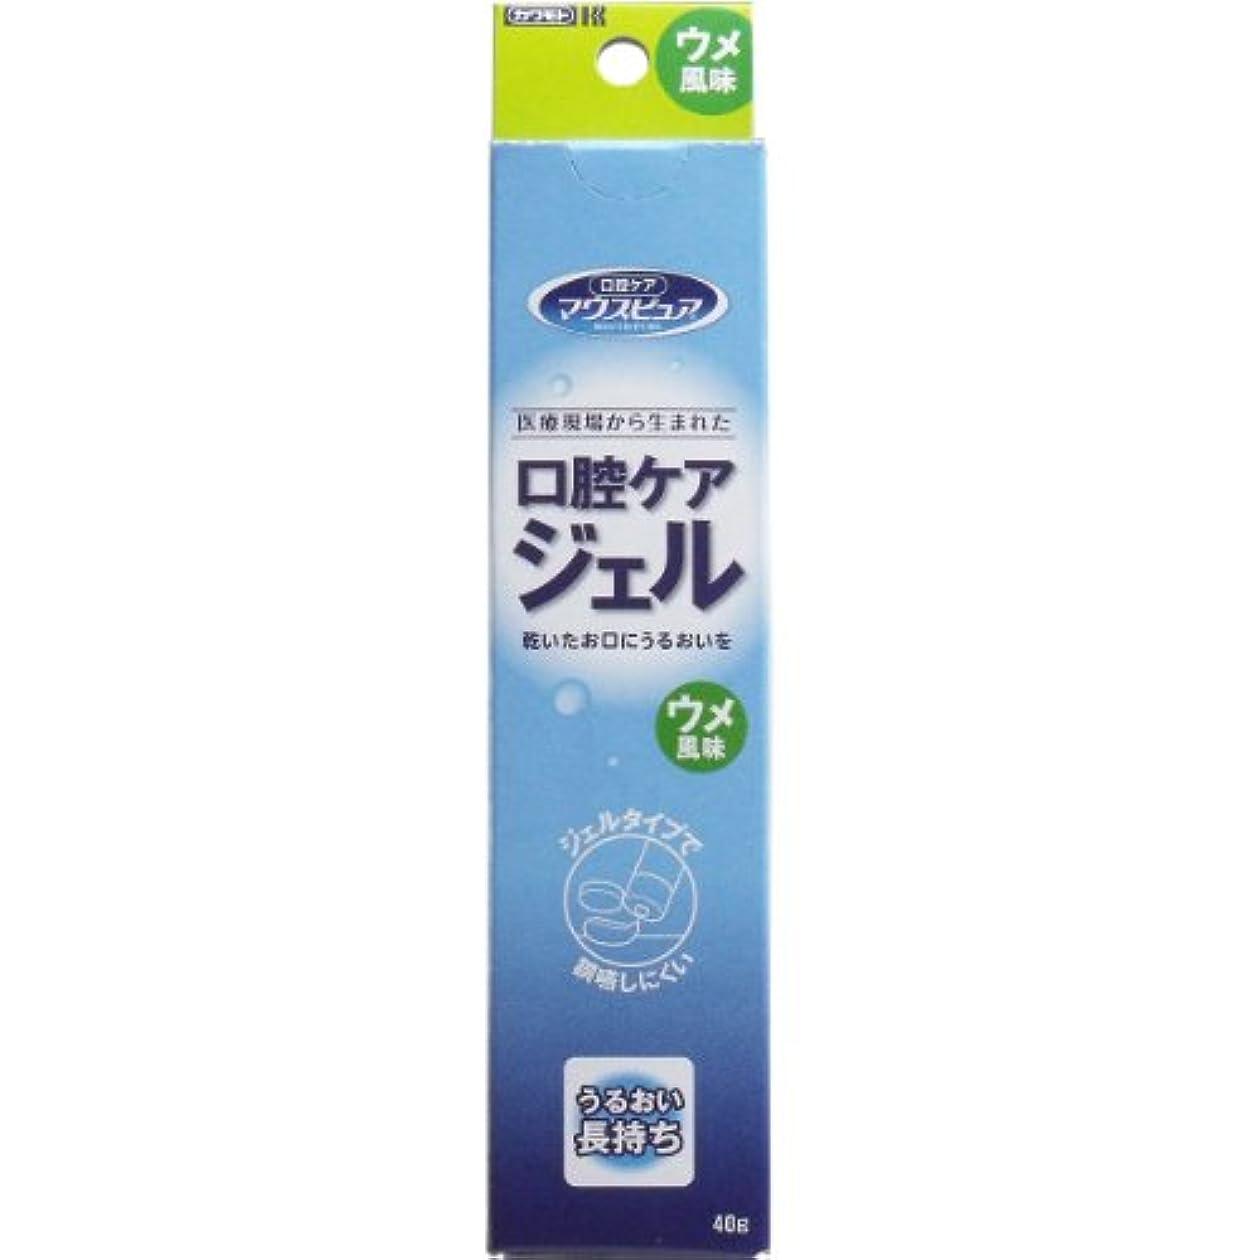 遺産膜すでに【まとめ買い】川本産業 マウスピュア 口腔ケアジェル ウメ風味 40g入【×4個】